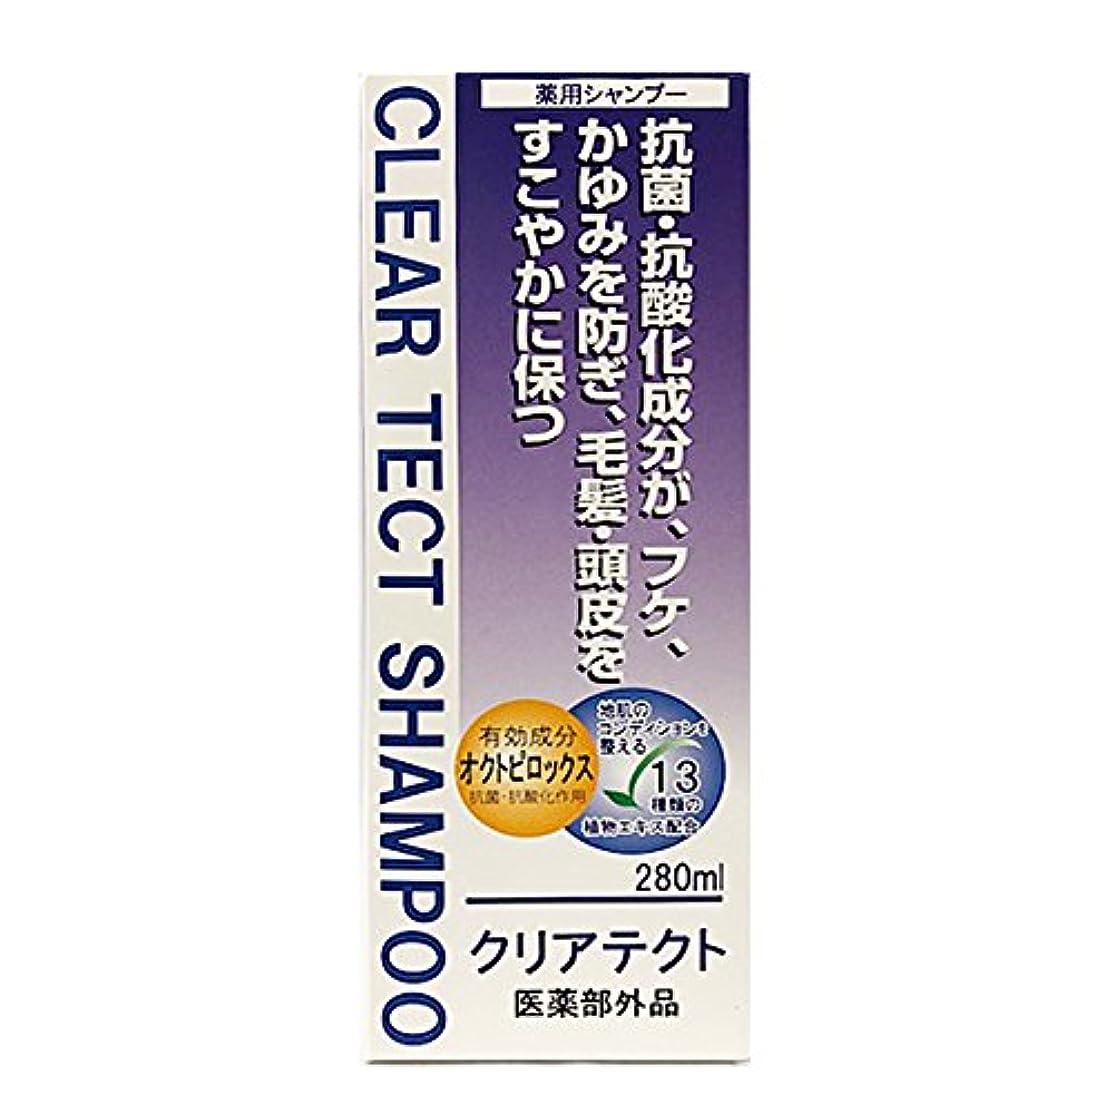 祭り巨大溶岩【医薬部外品】クリアテクト薬用シャンプーa 280ml